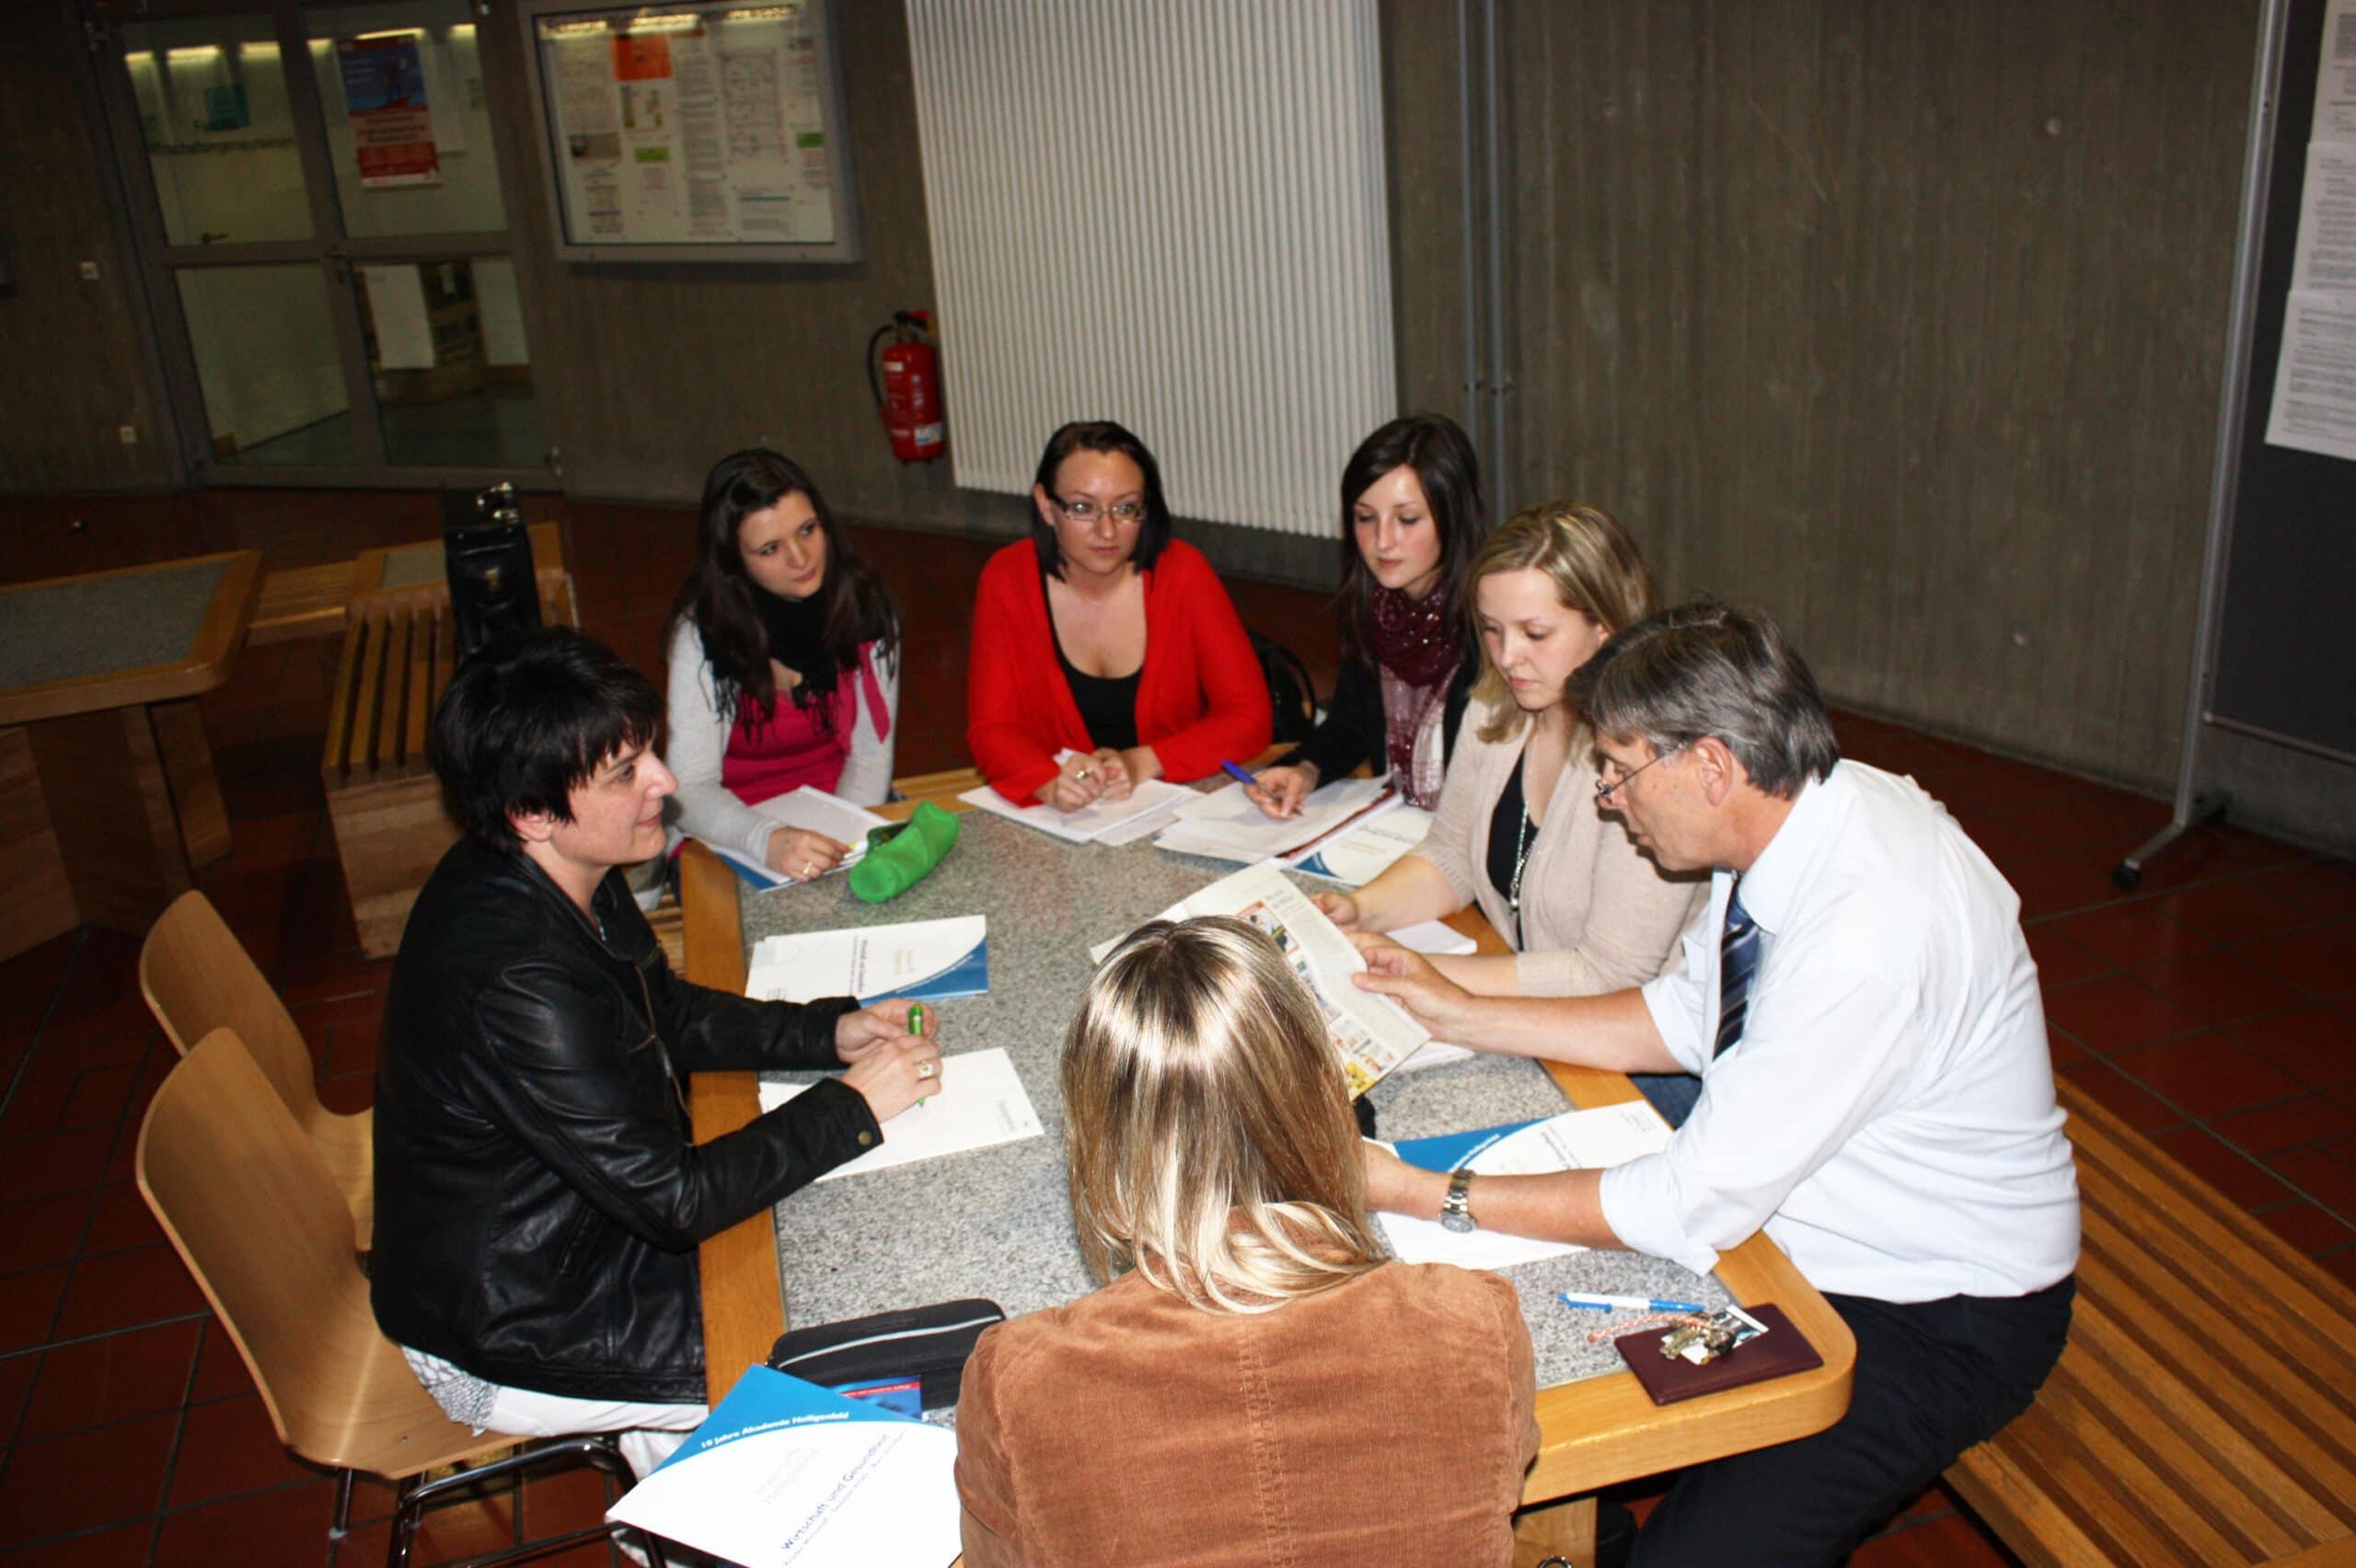 Studenten Fh Schweinfurt scaled